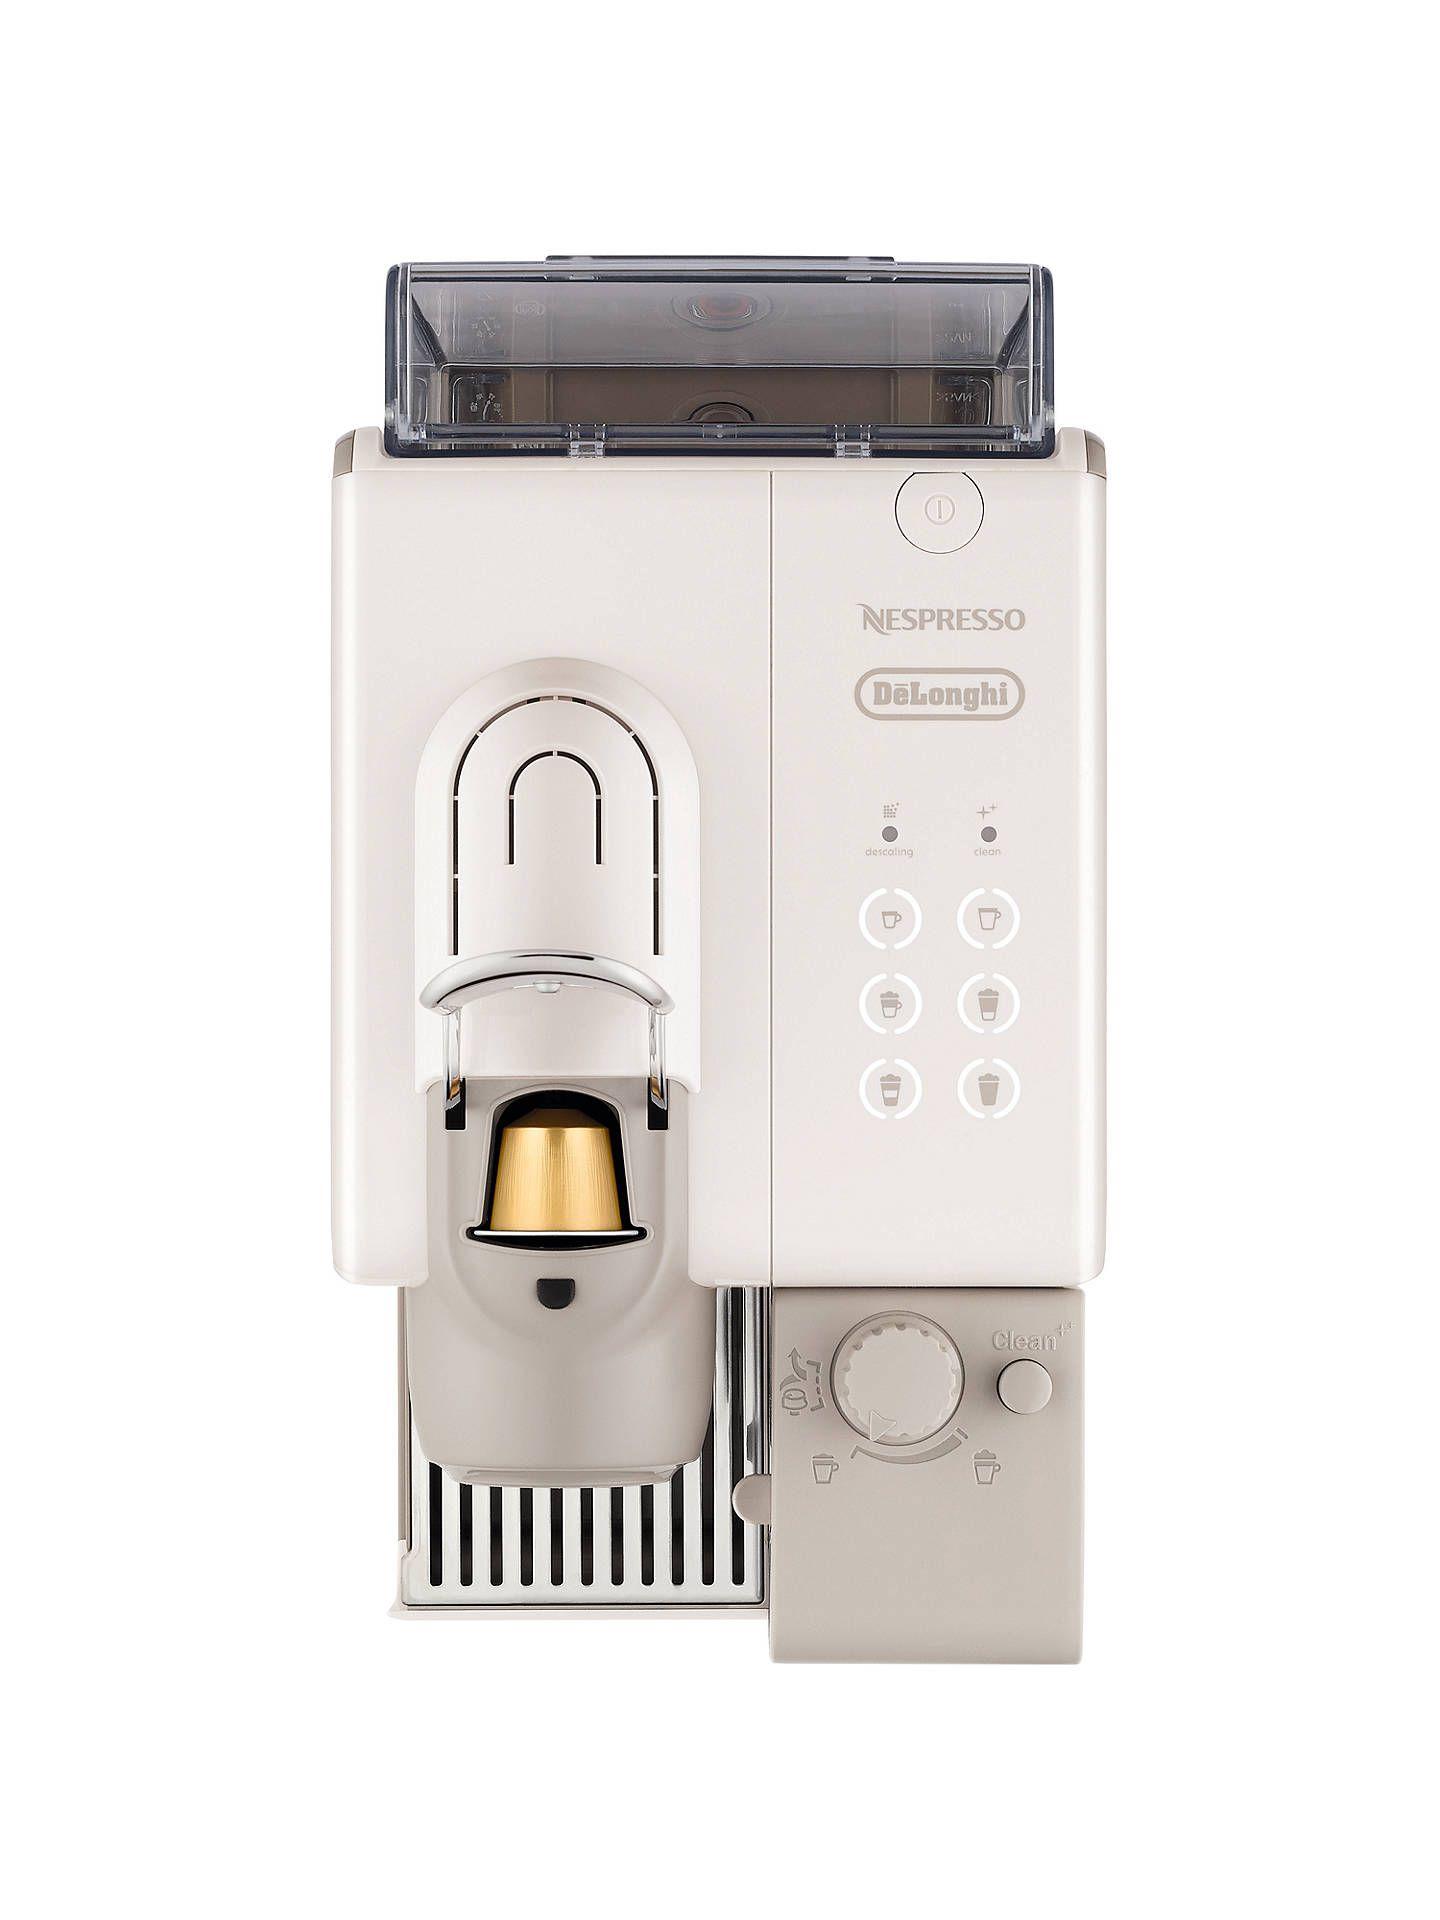 Nespresso Lattissima Touch Coffee Machine, White in 2020 ...